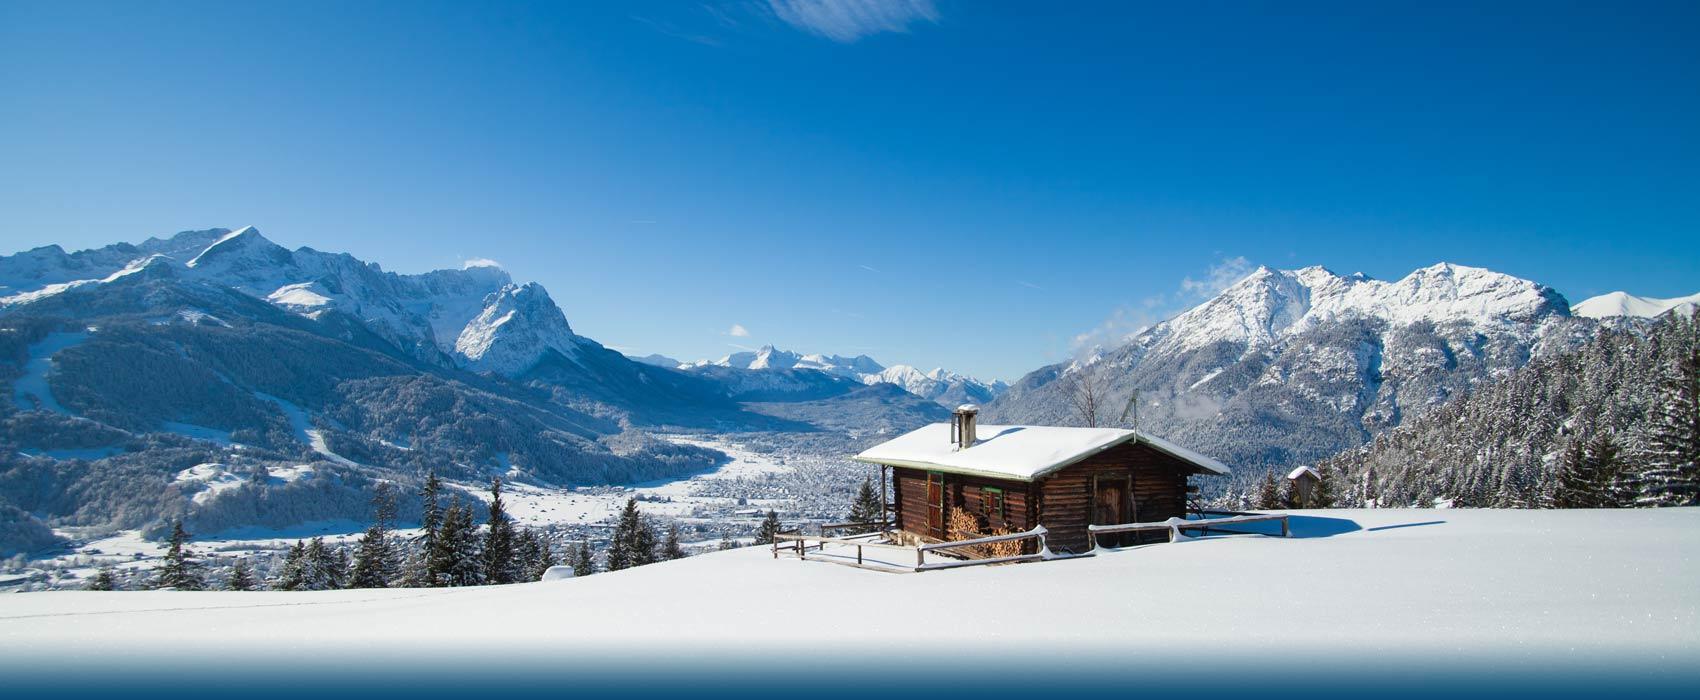 Der Winter In Garmisch Partenkirchen